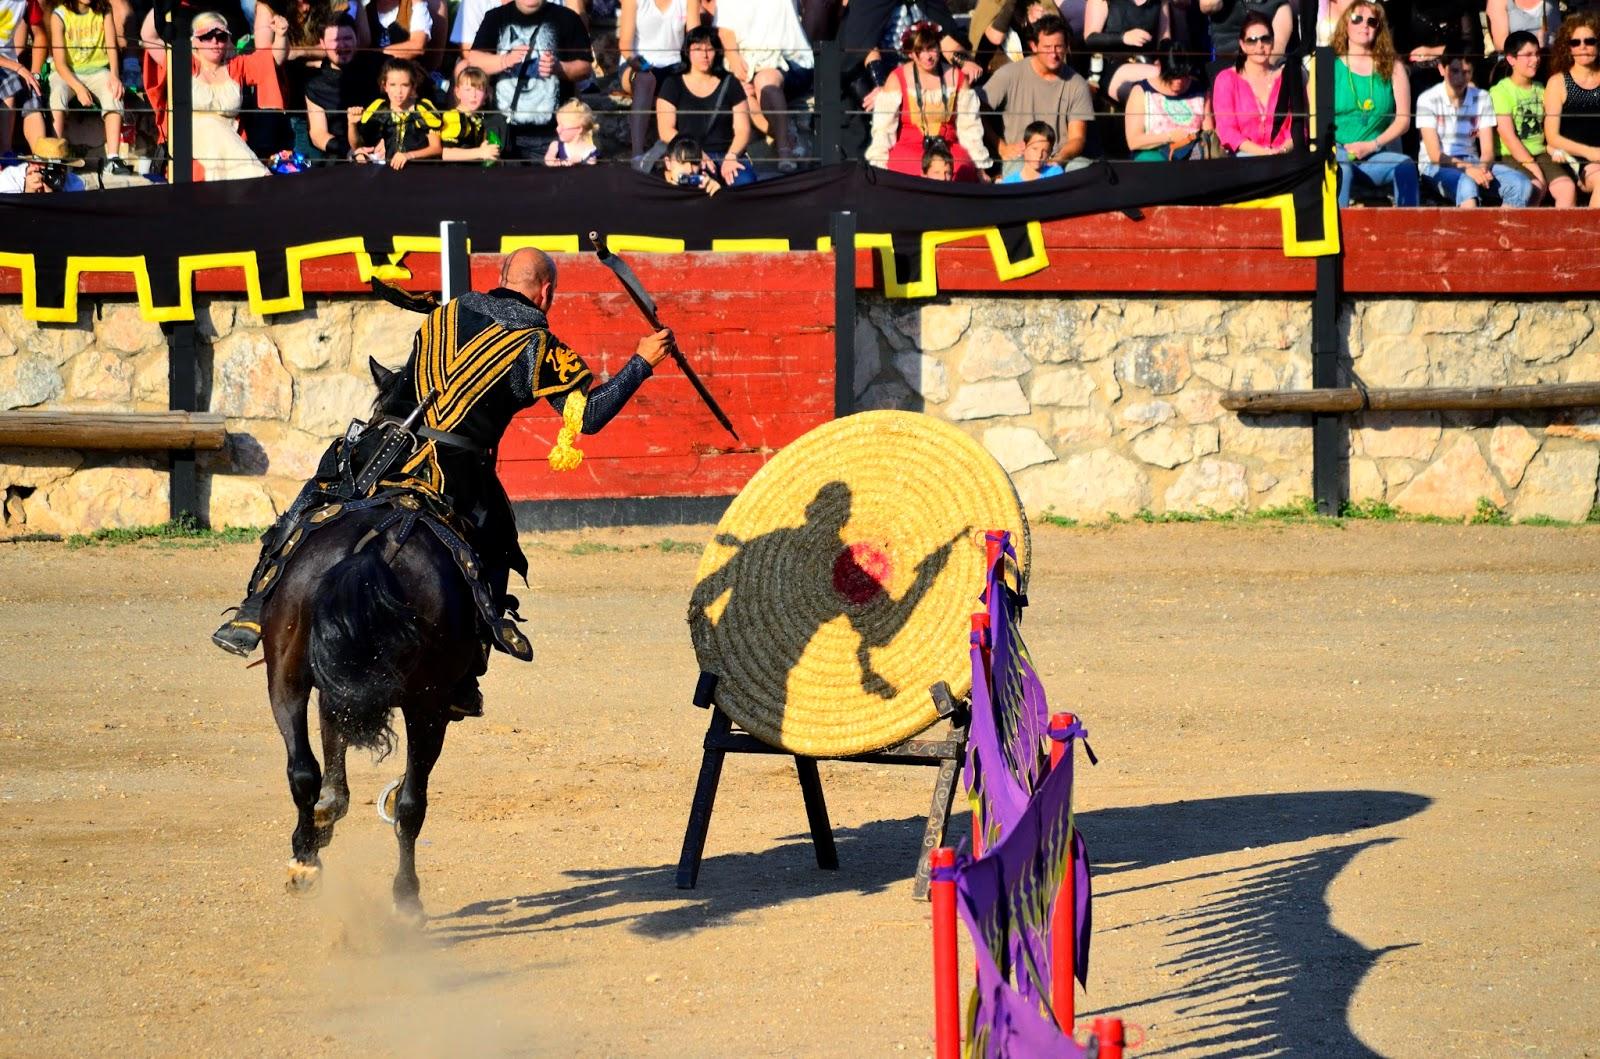 Prueba de habilidad del torneo medieval en Hita. Imagen: Daniel Salvador